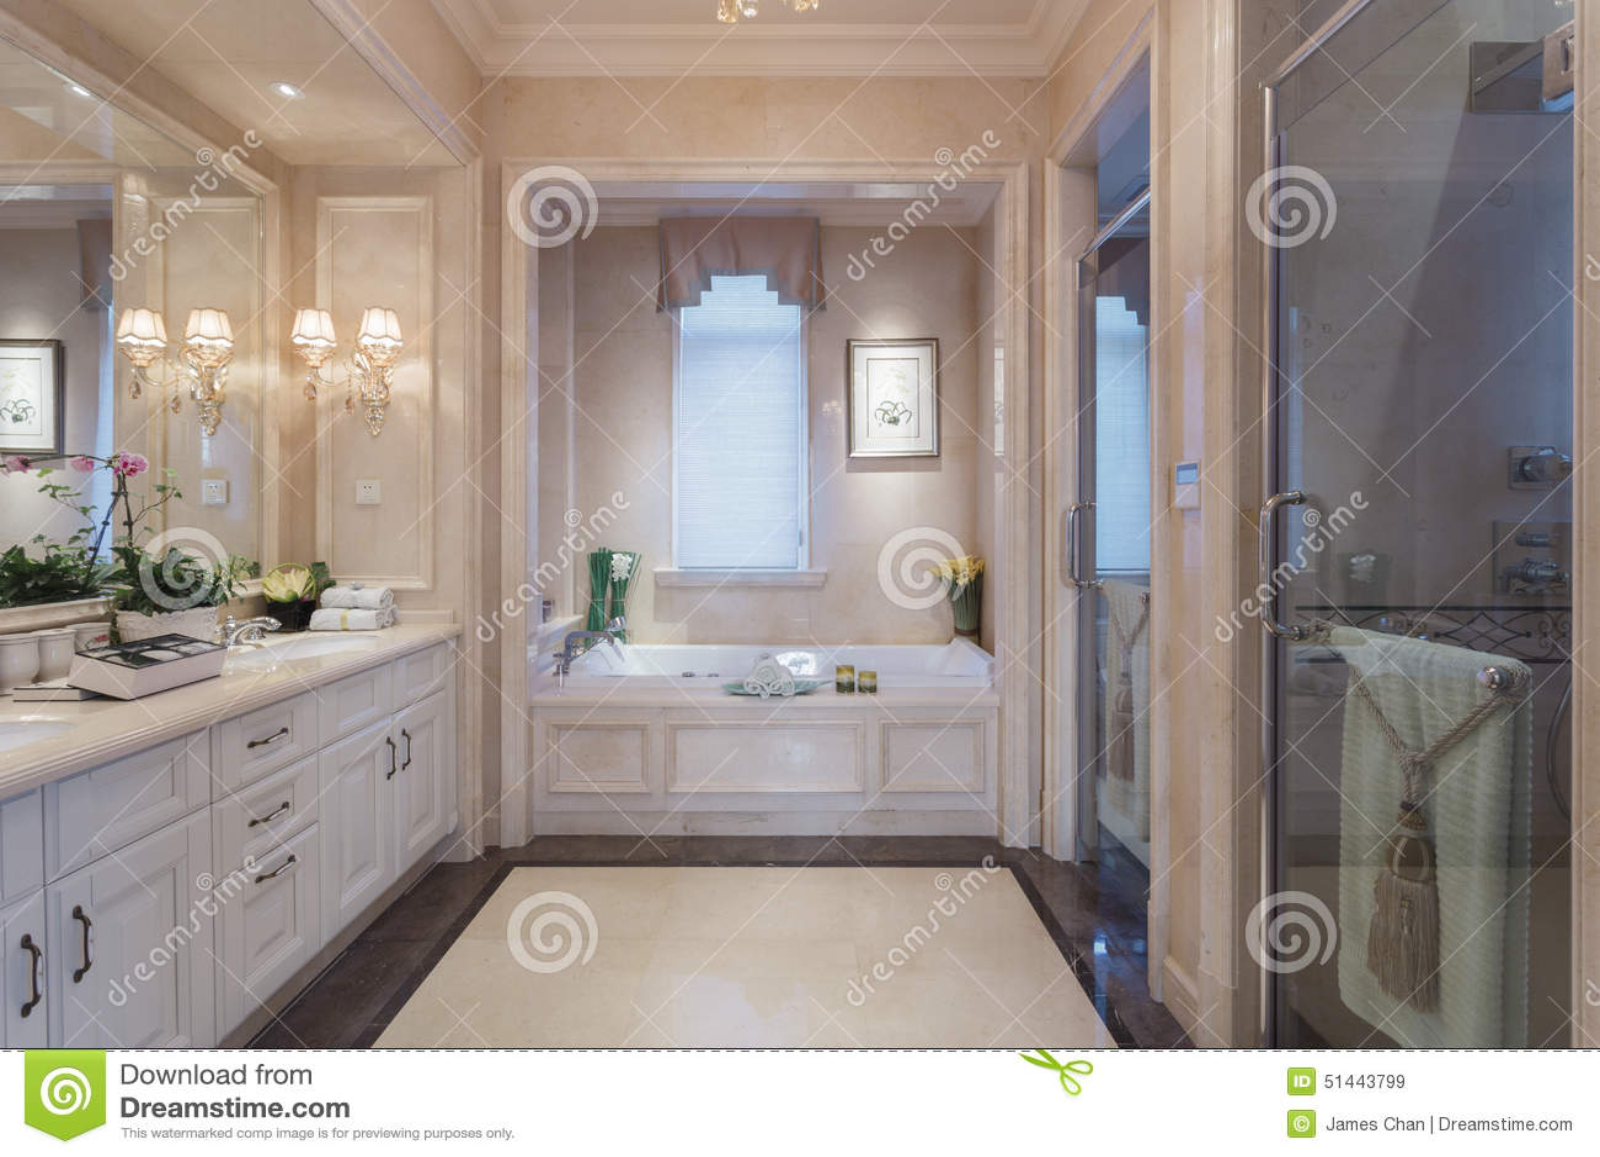 Banheiro Grande Foto de Stock Imagem: 51443799 #3A6691 1300 957